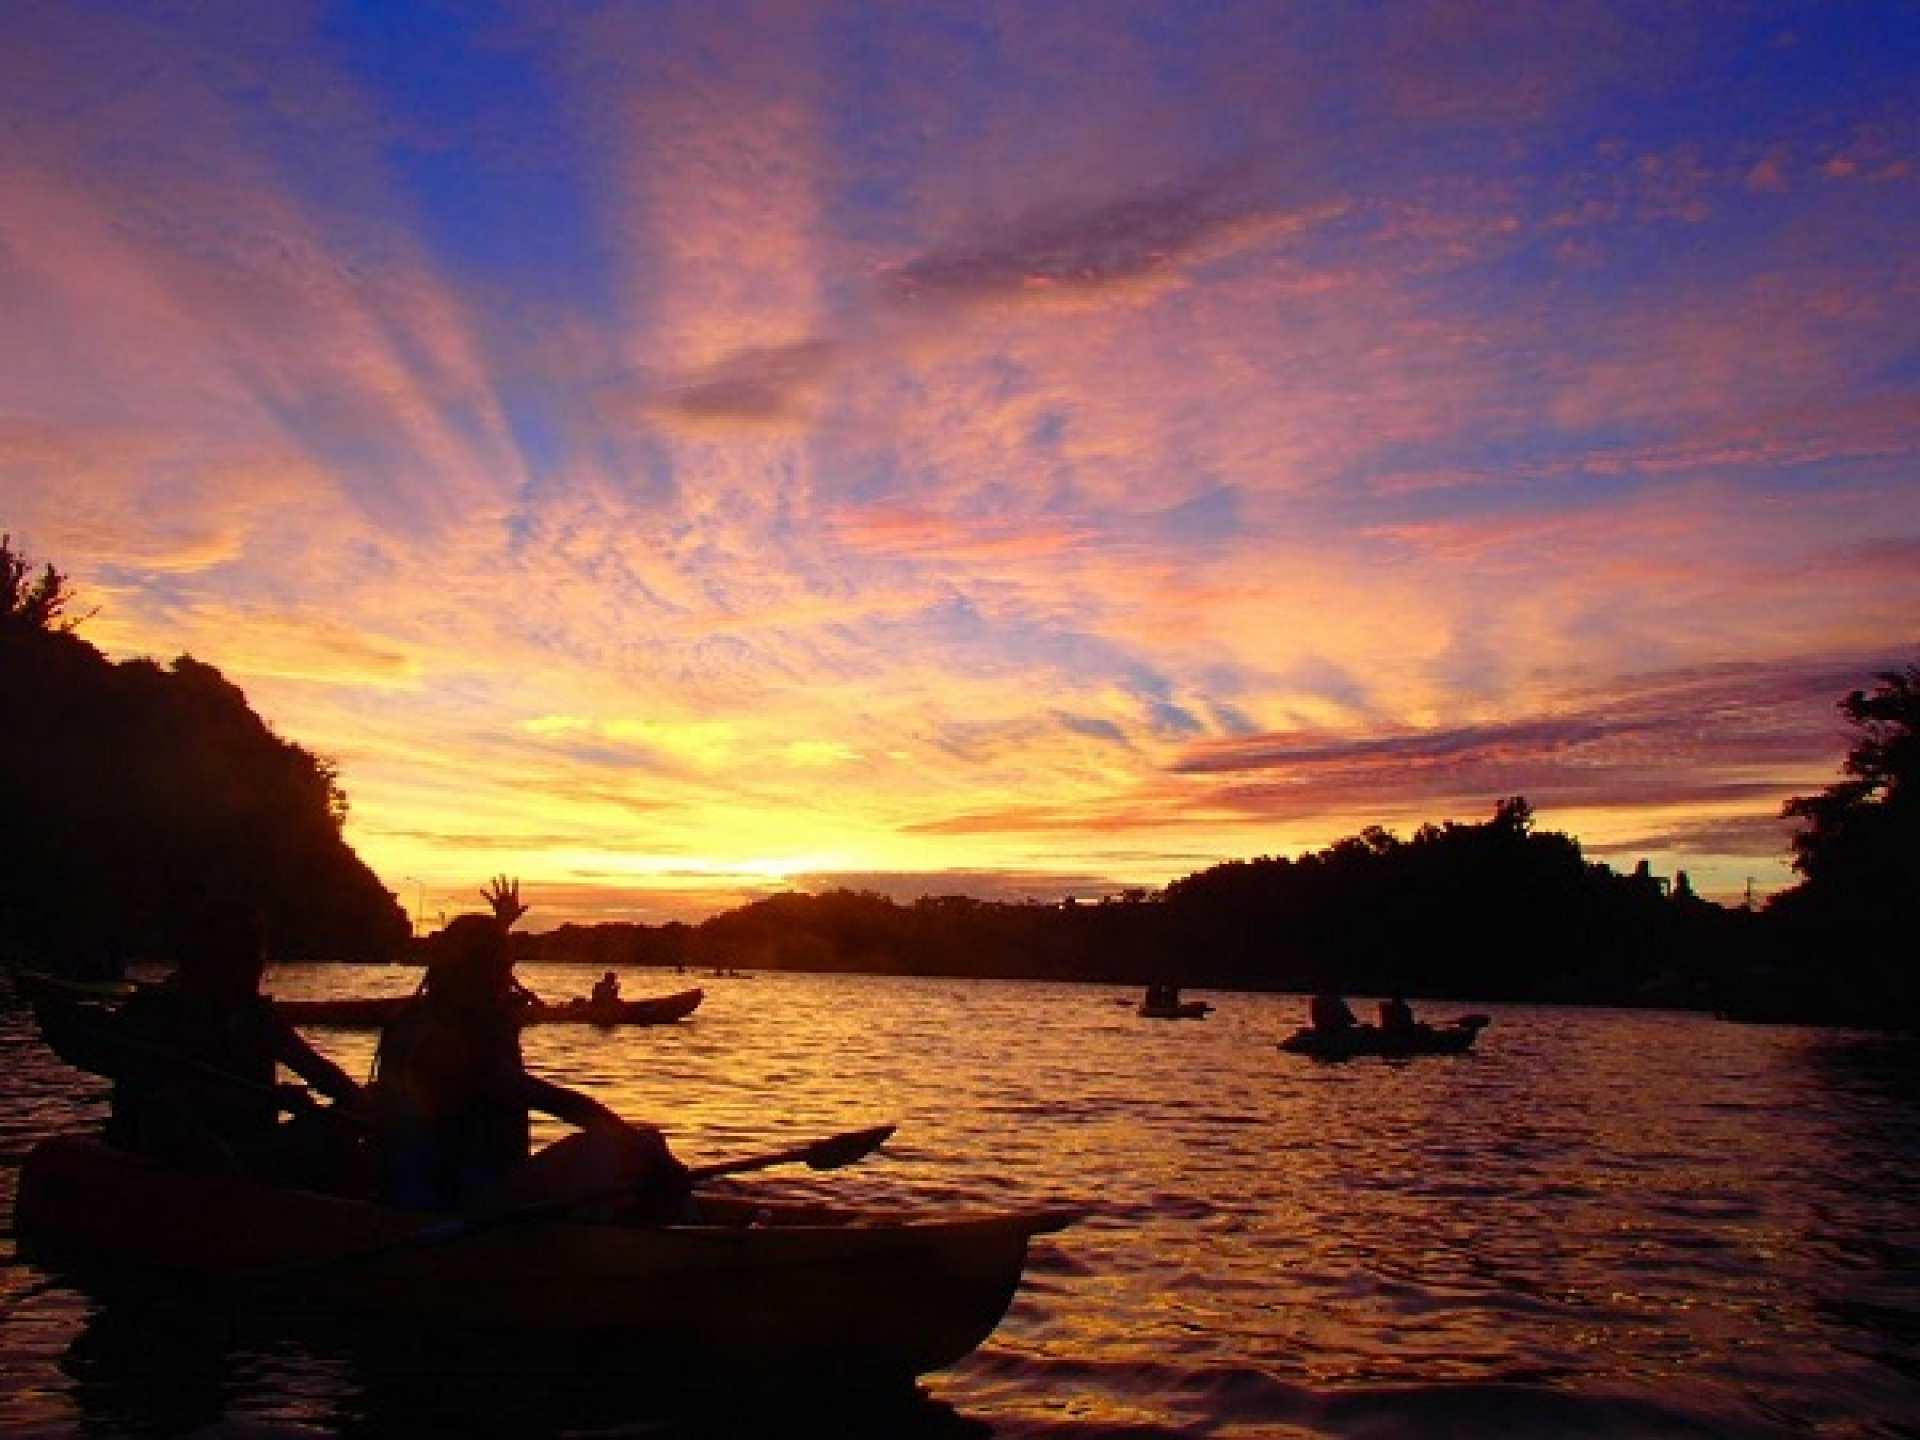 【沖繩水上活動】獨木舟體驗